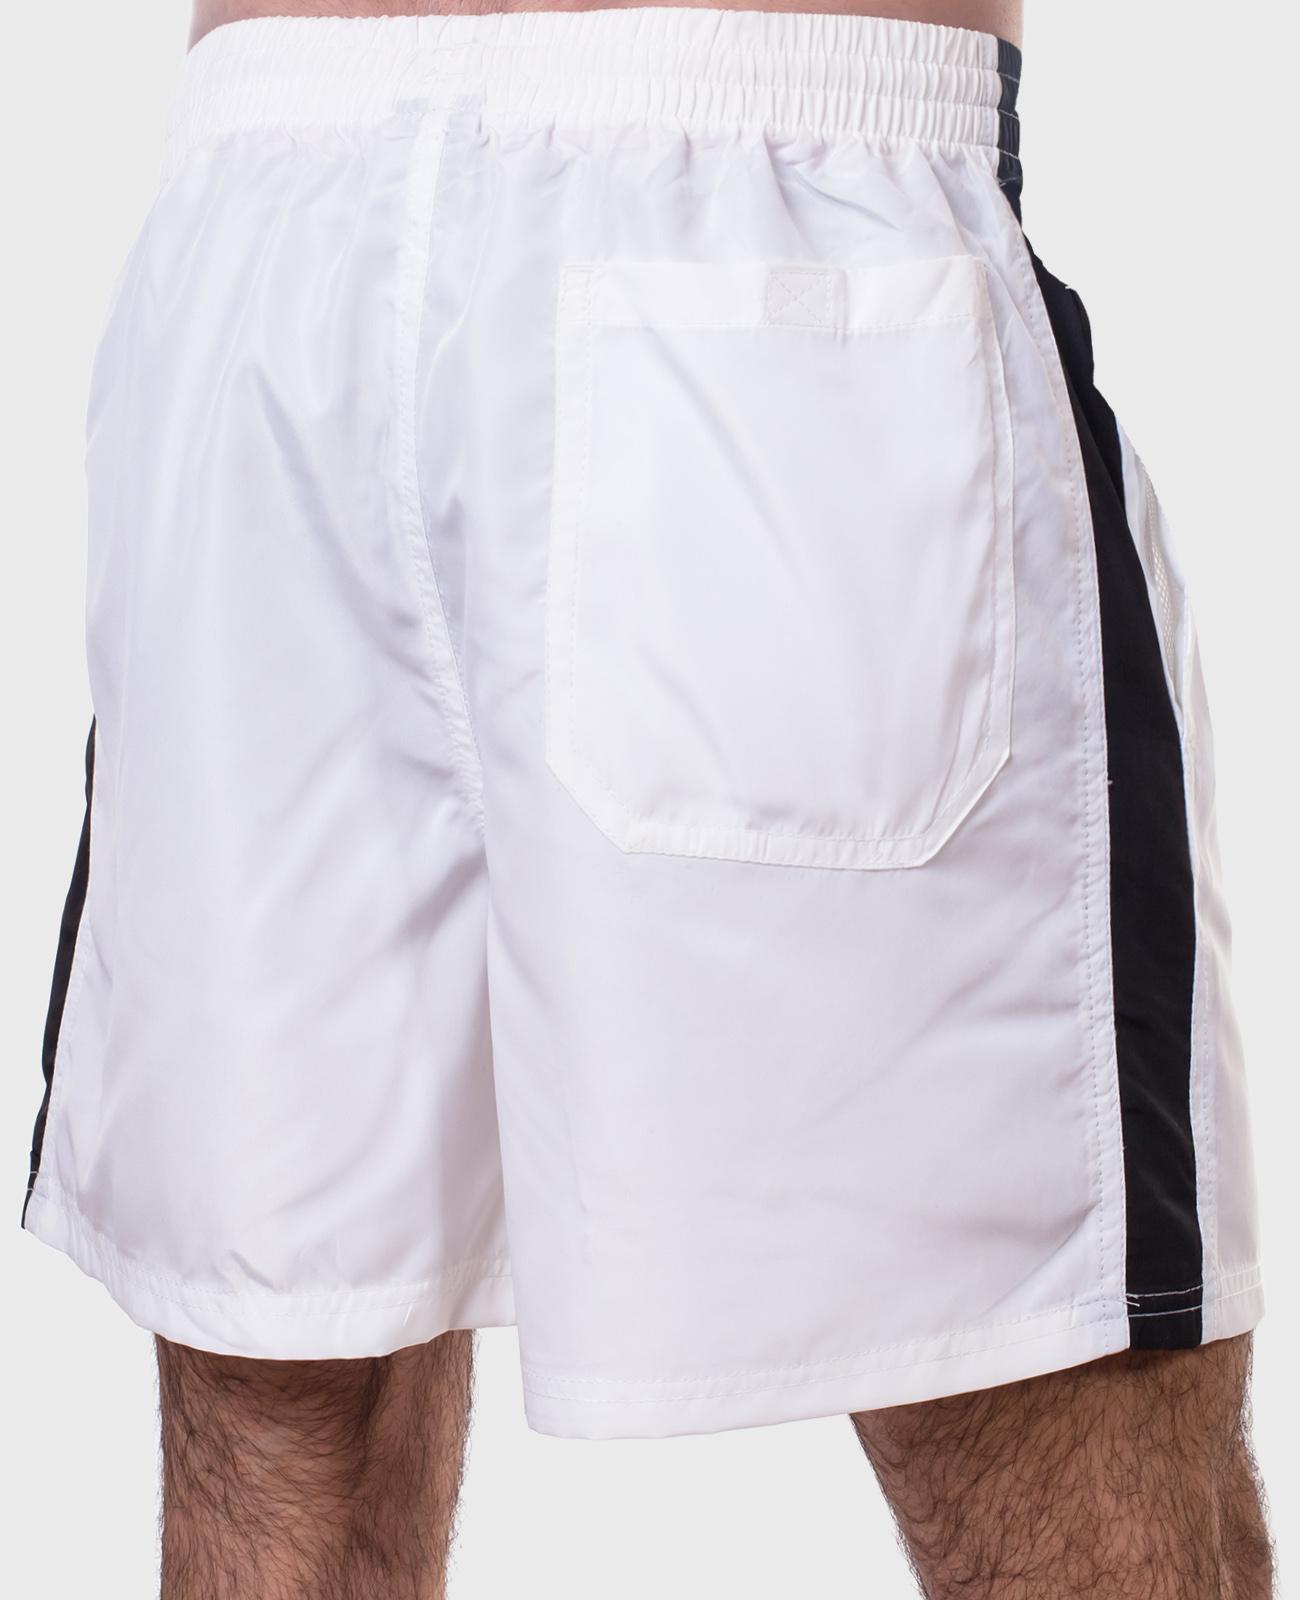 Где купить качественные мужские шорты? Заходите в наш каталог!